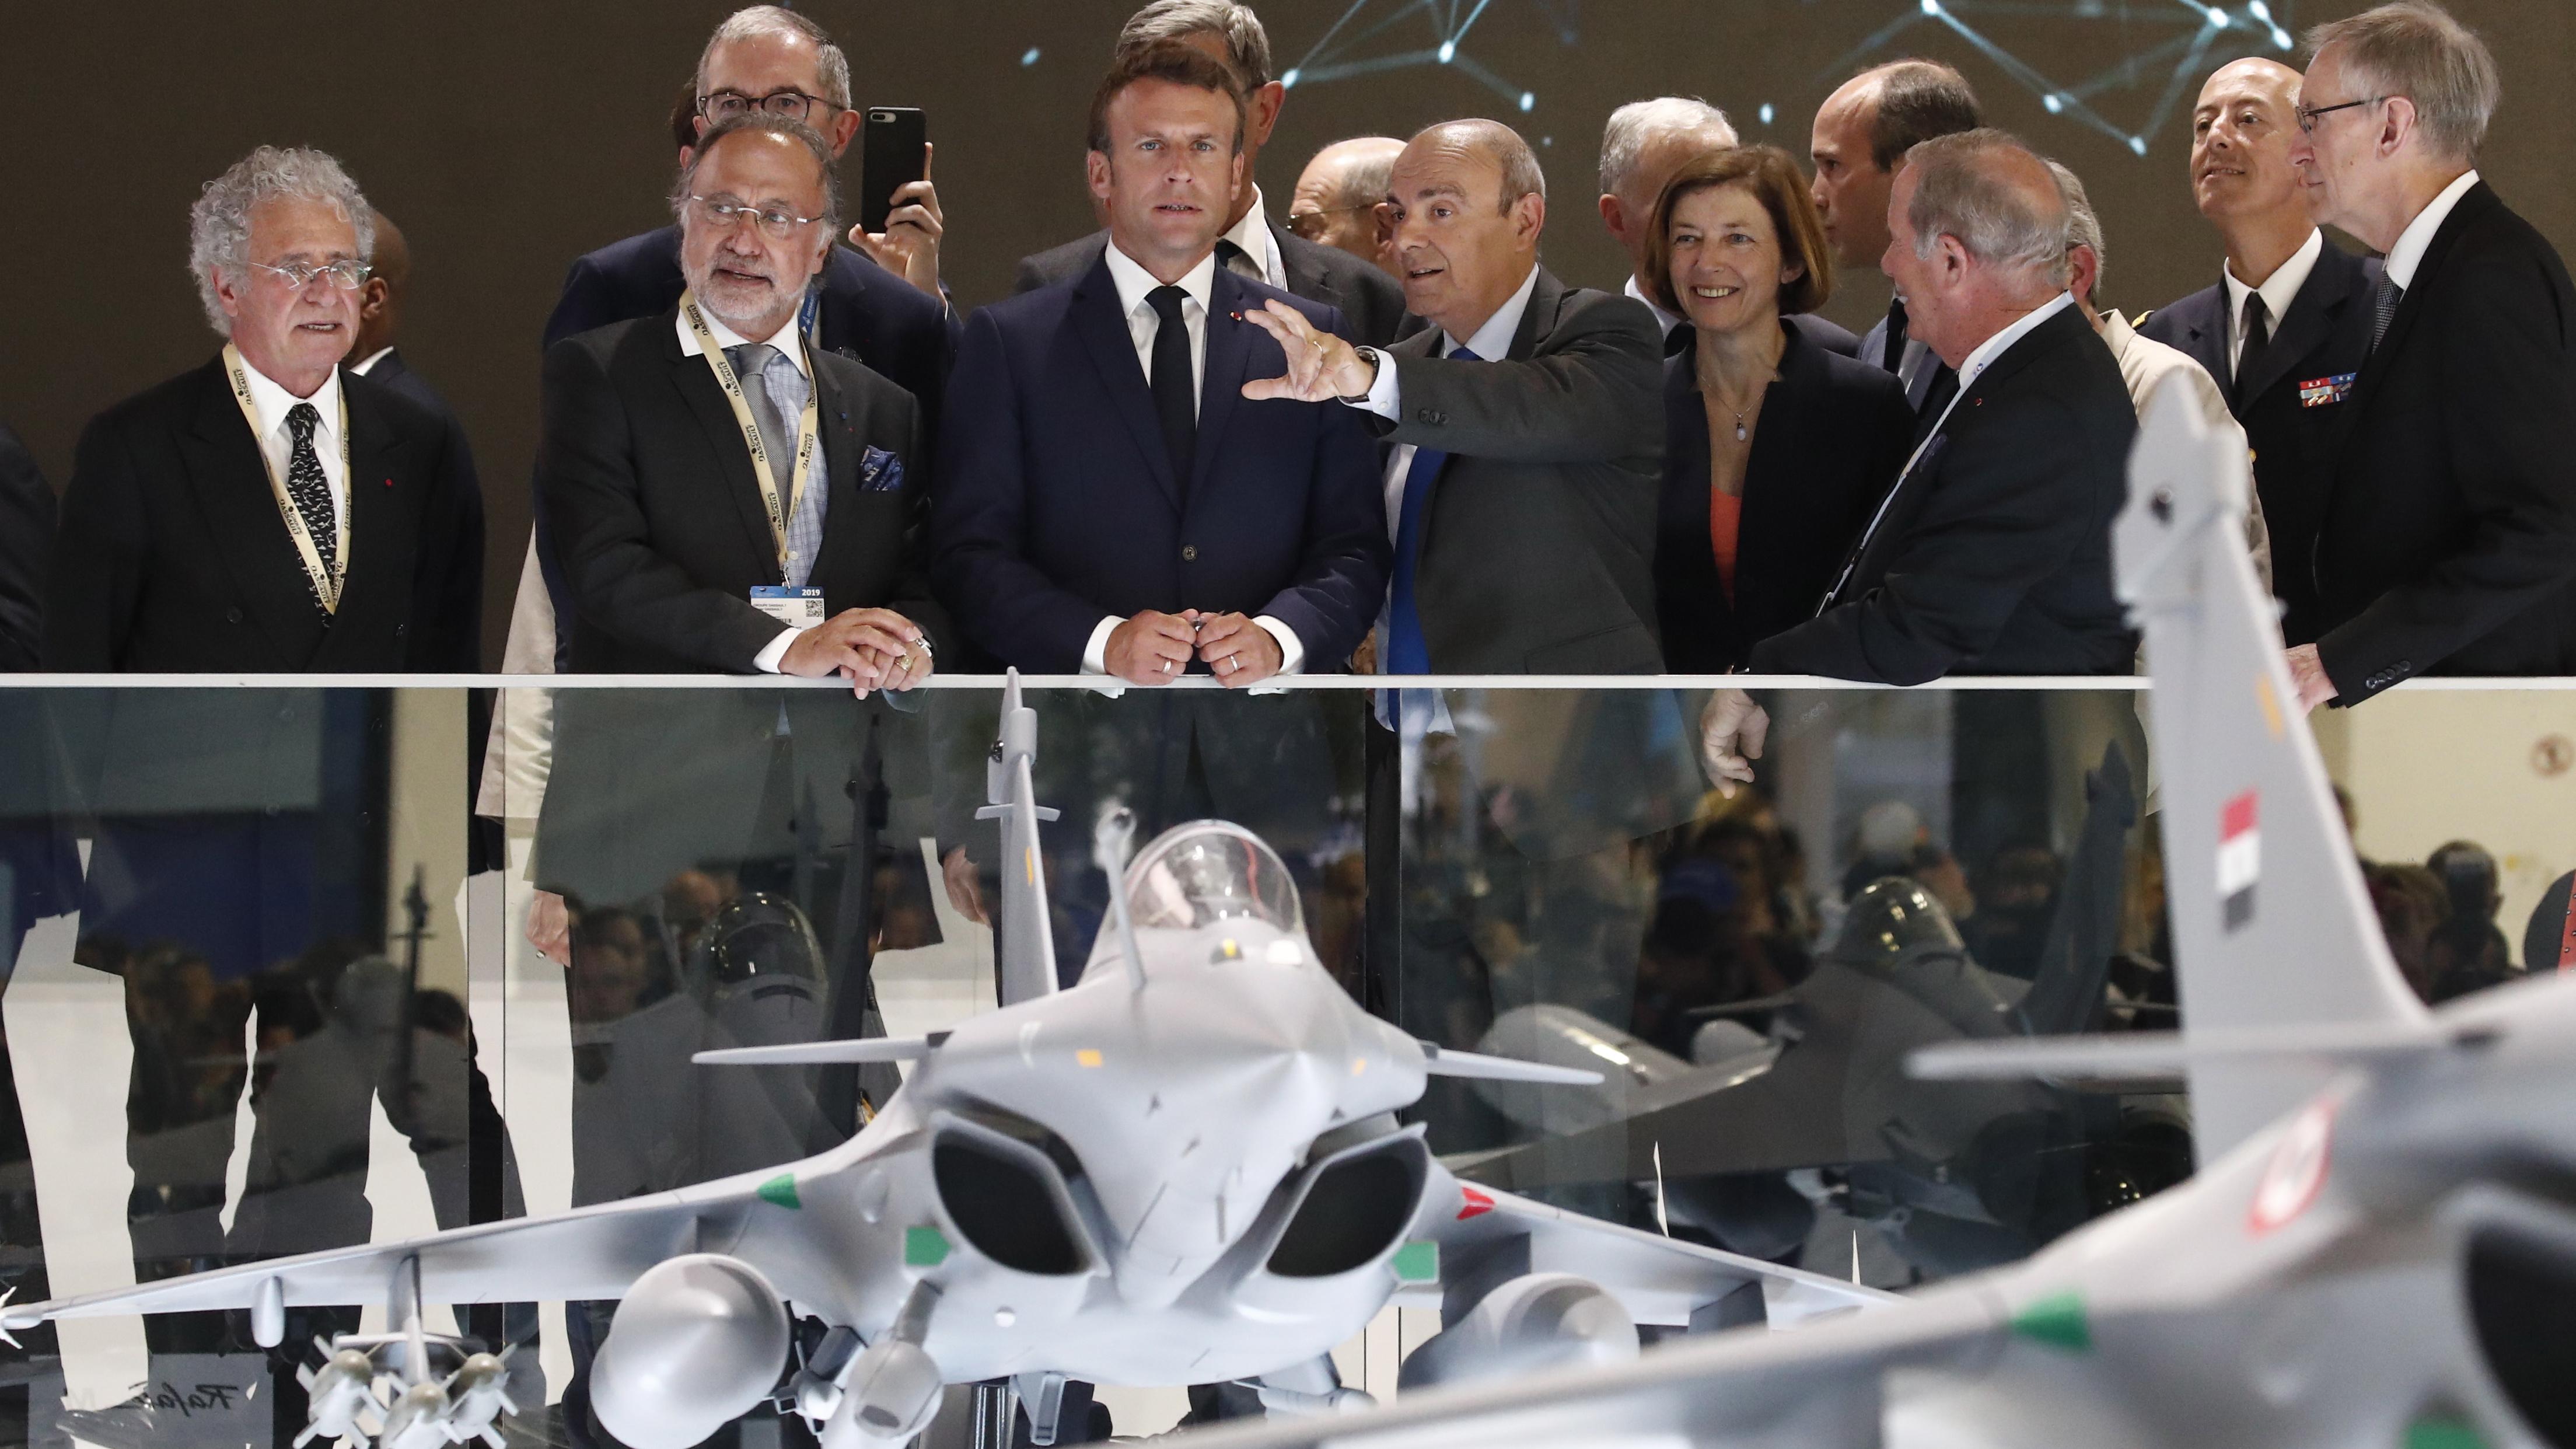 На изложението са представени над 140 нови вертолета и самолети от всички класове, а в летателната програма са включени 40 самолета и вертолета.